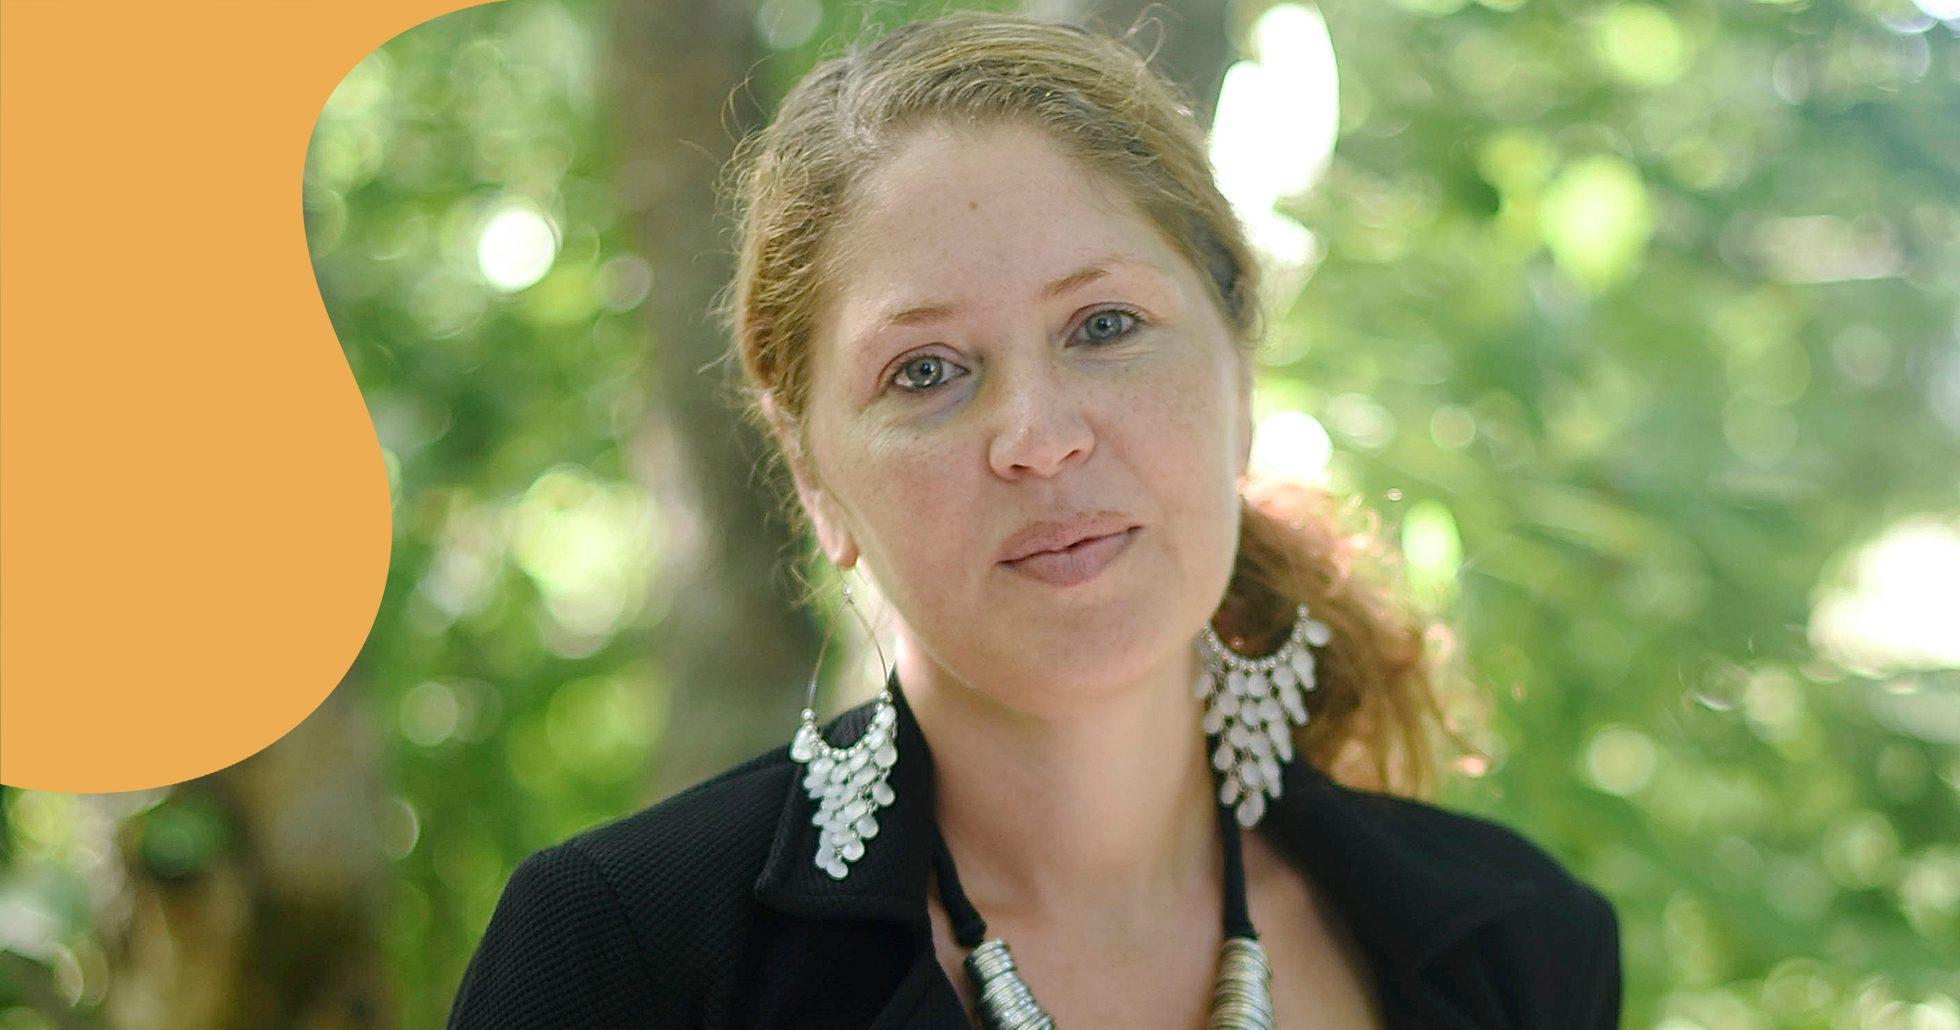 Jessica, som lider av GAD, med grön bakgrund